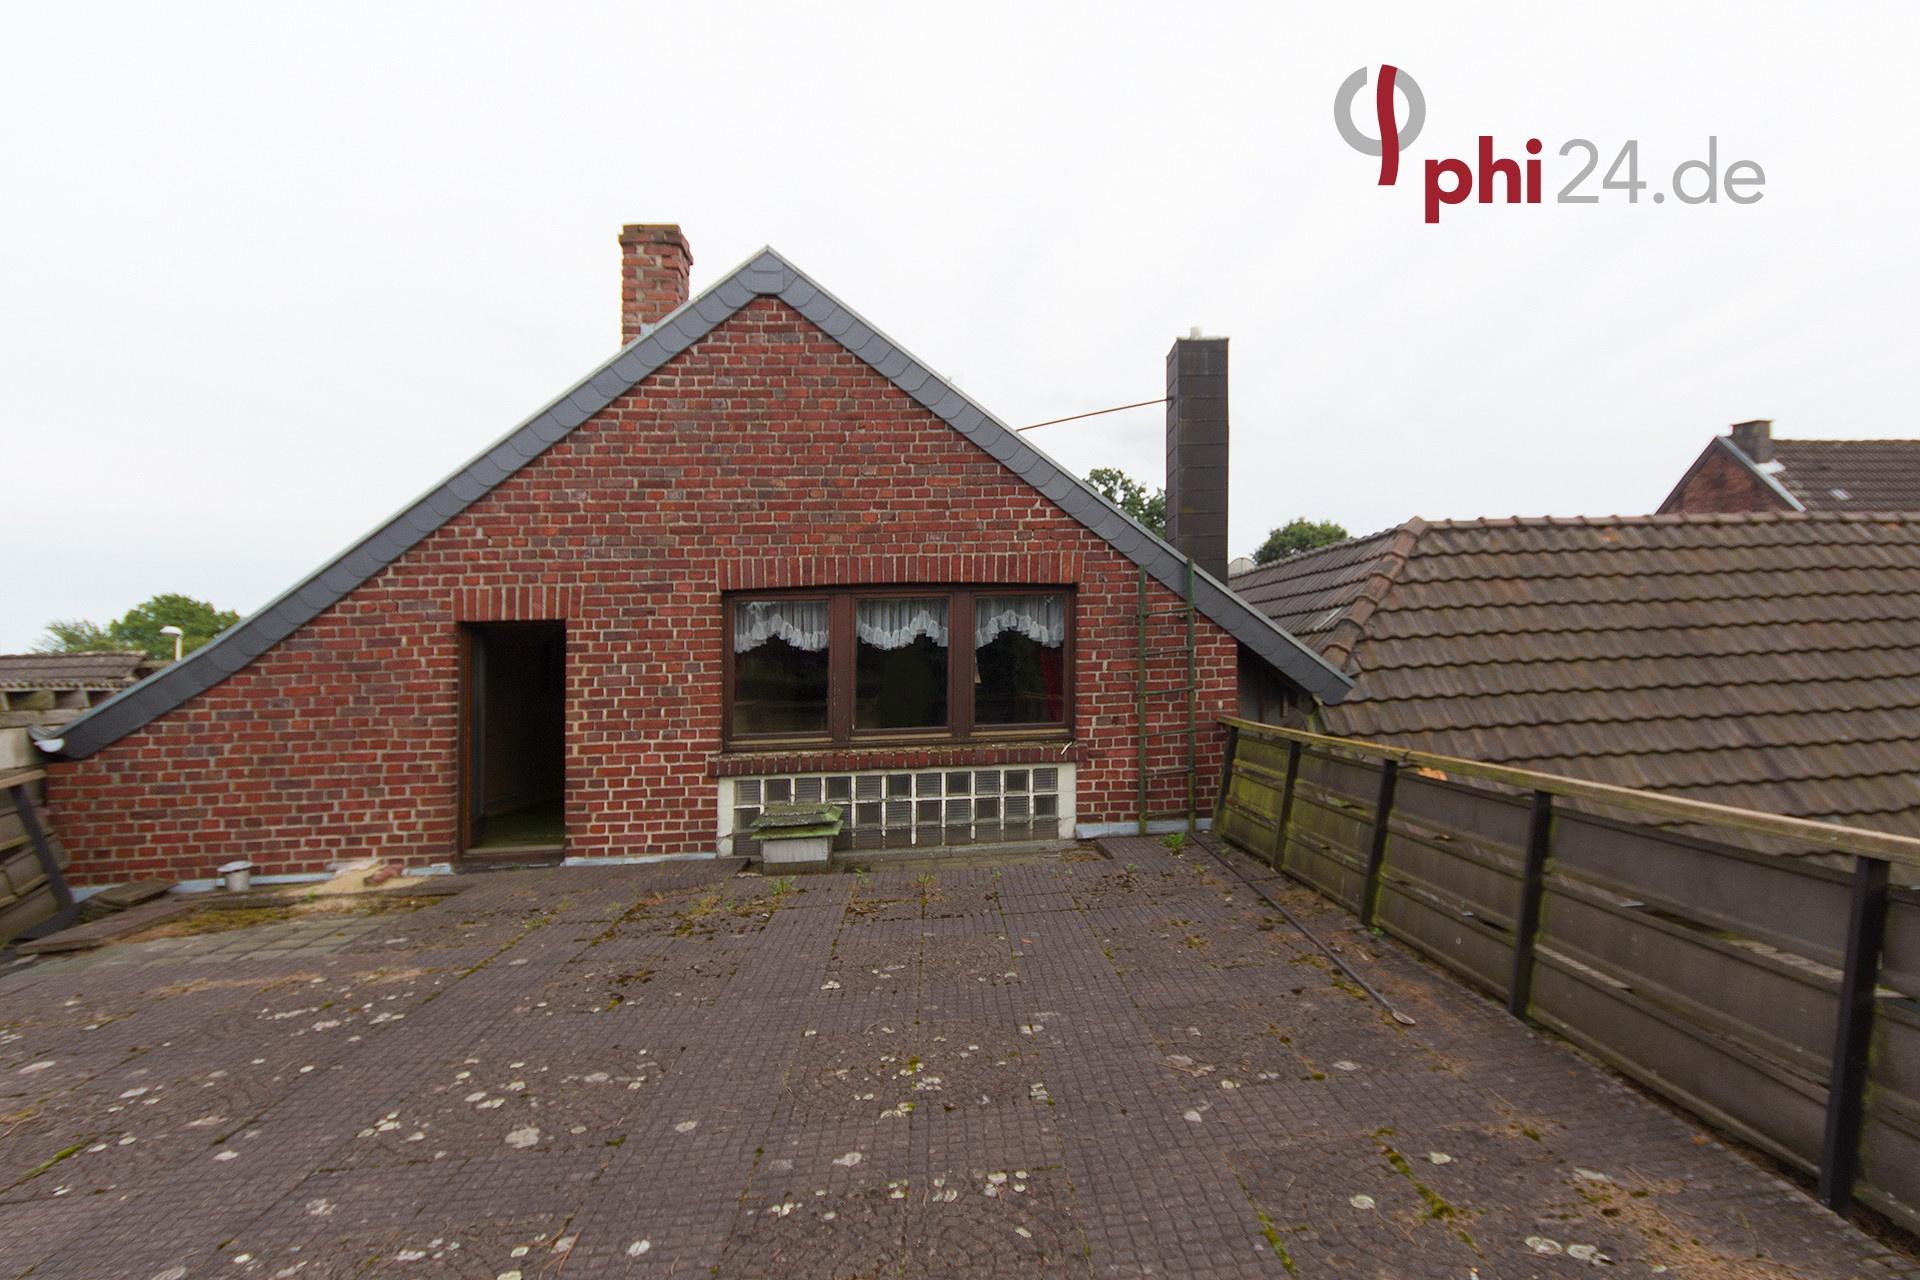 Immobilienmakler Geilenkirchen Reiheneckhaus referenzen mit Immobilienbewertung